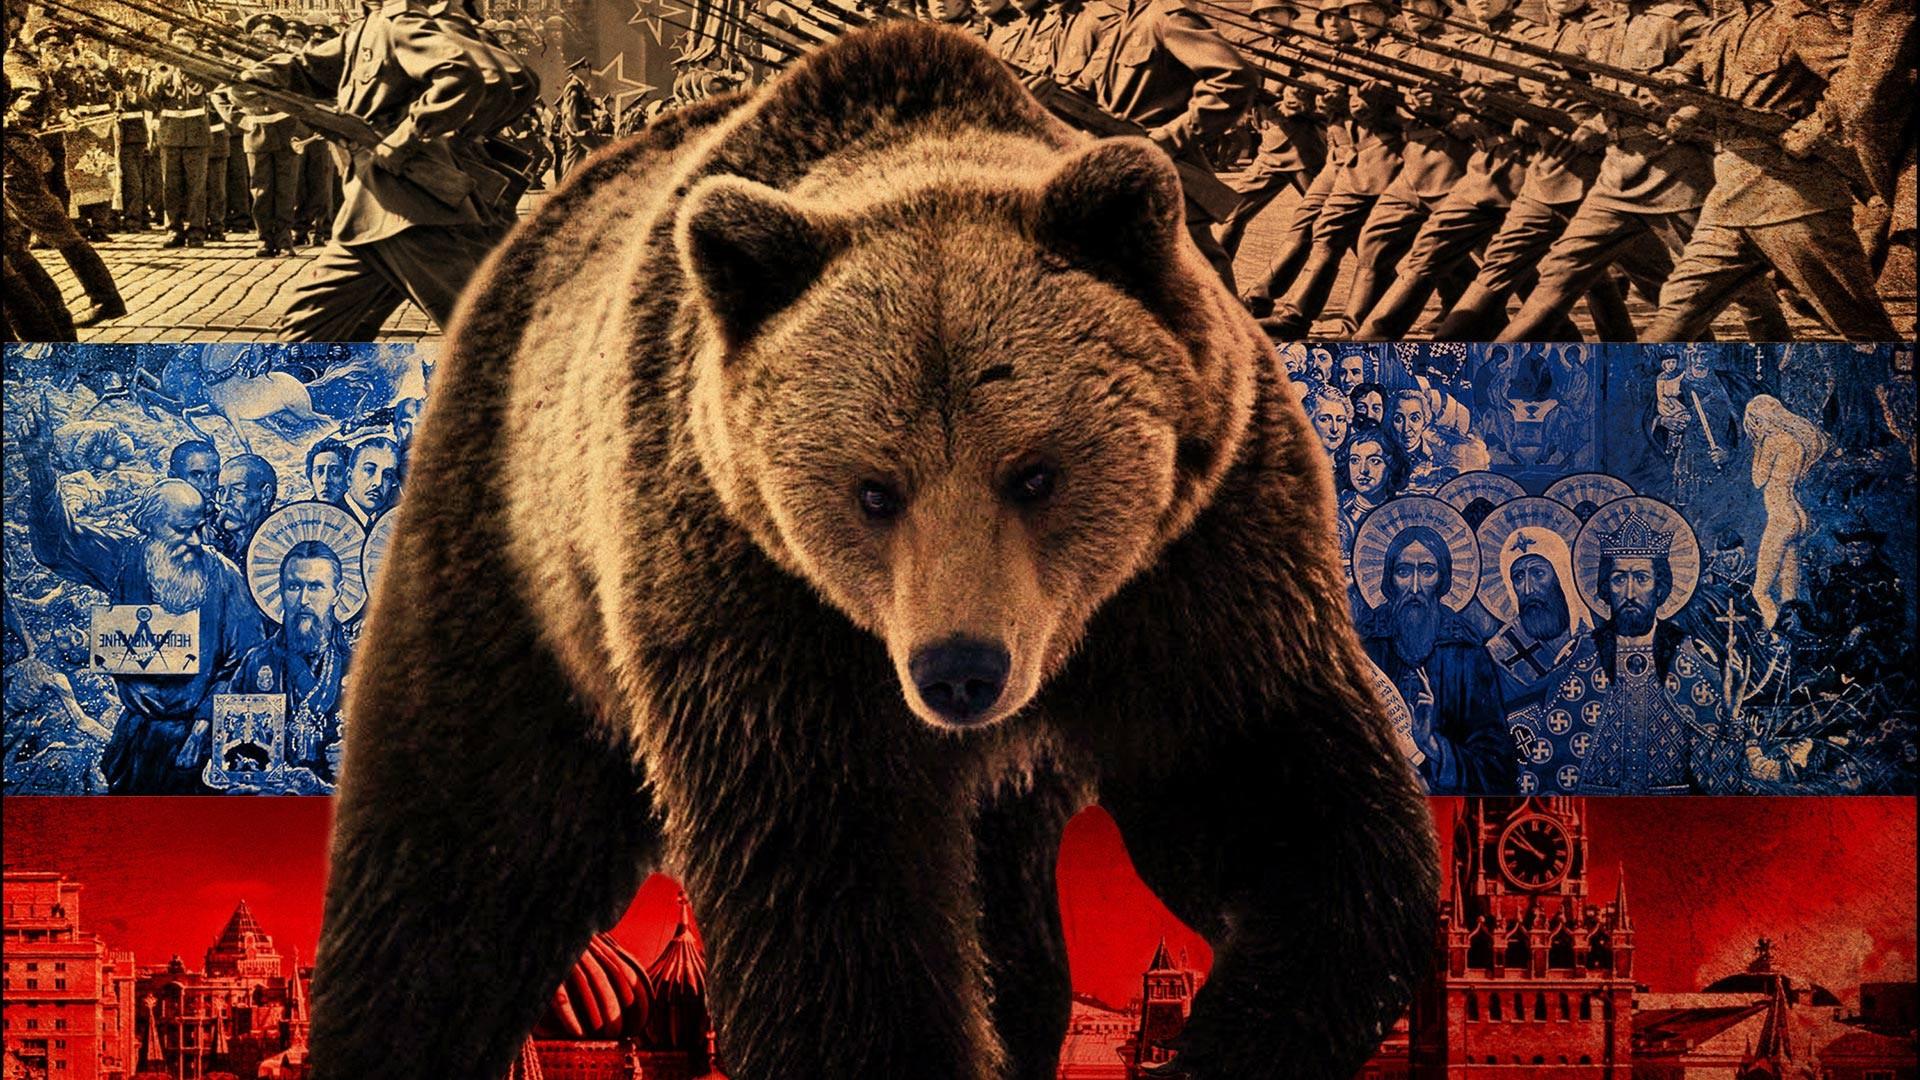 обои на рабочий стол русский медведь на фоне флага № 174718 загрузить